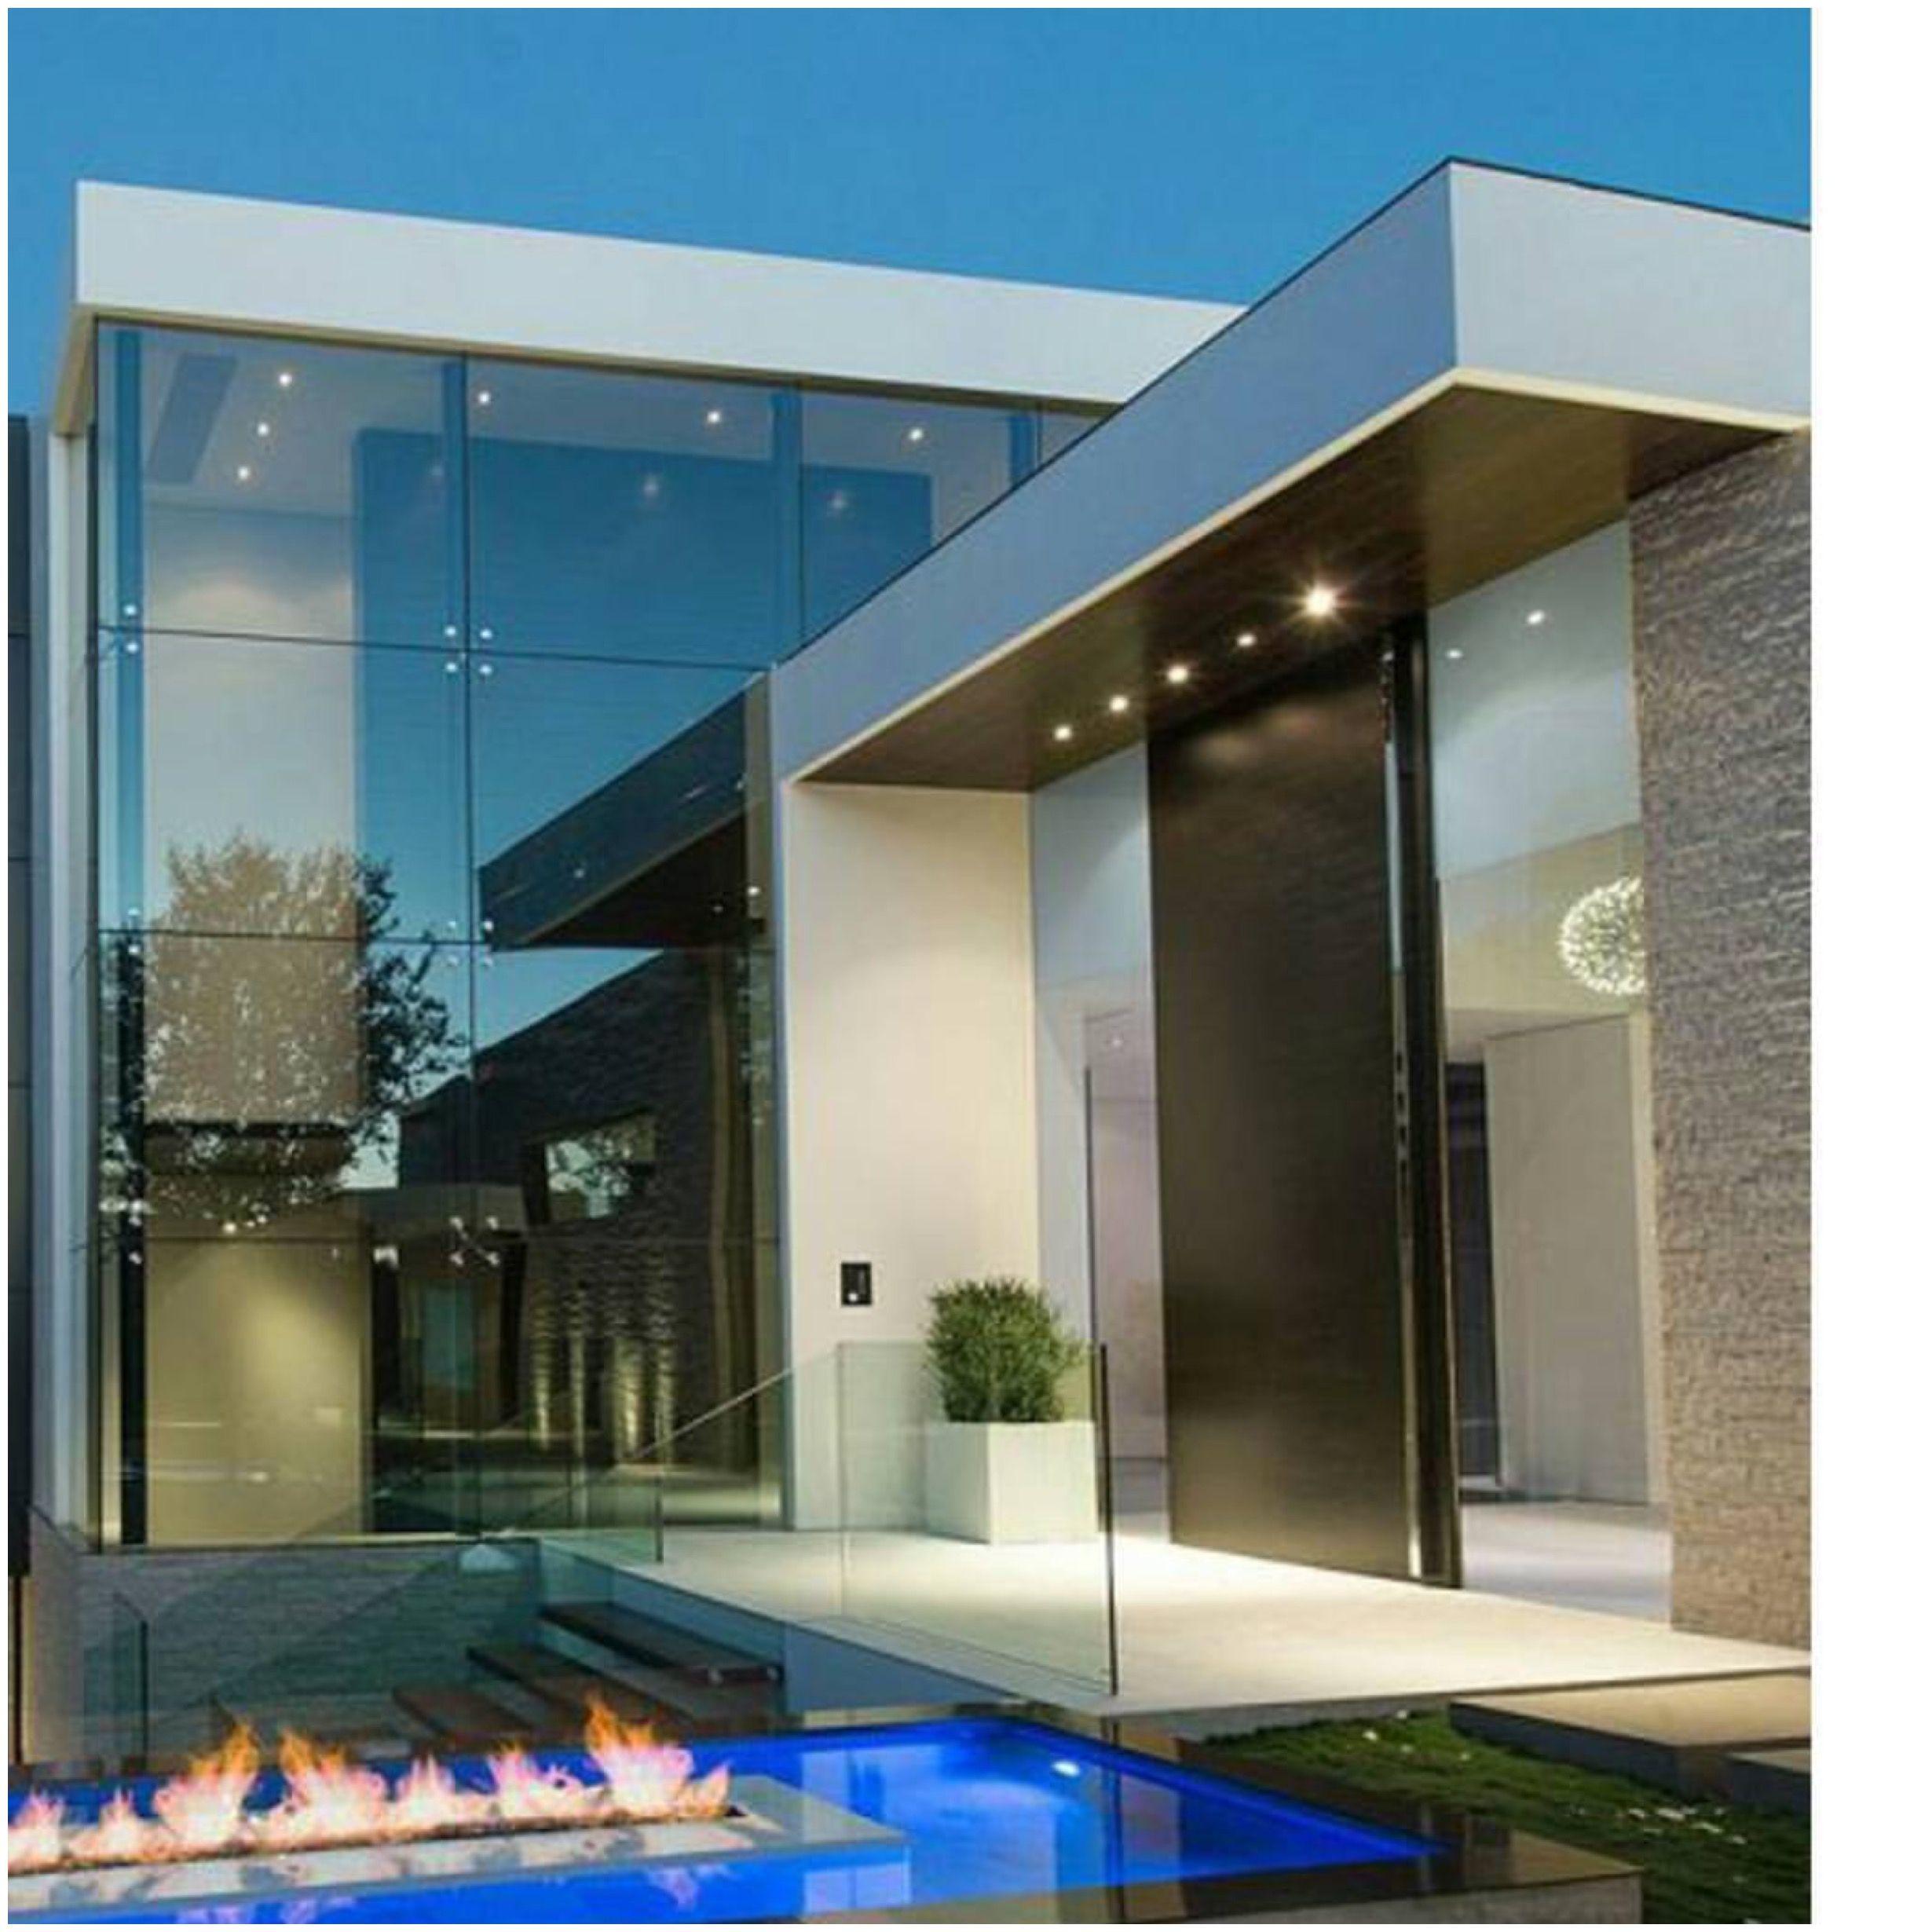 Pin von DGDV auf Architecture | Pinterest